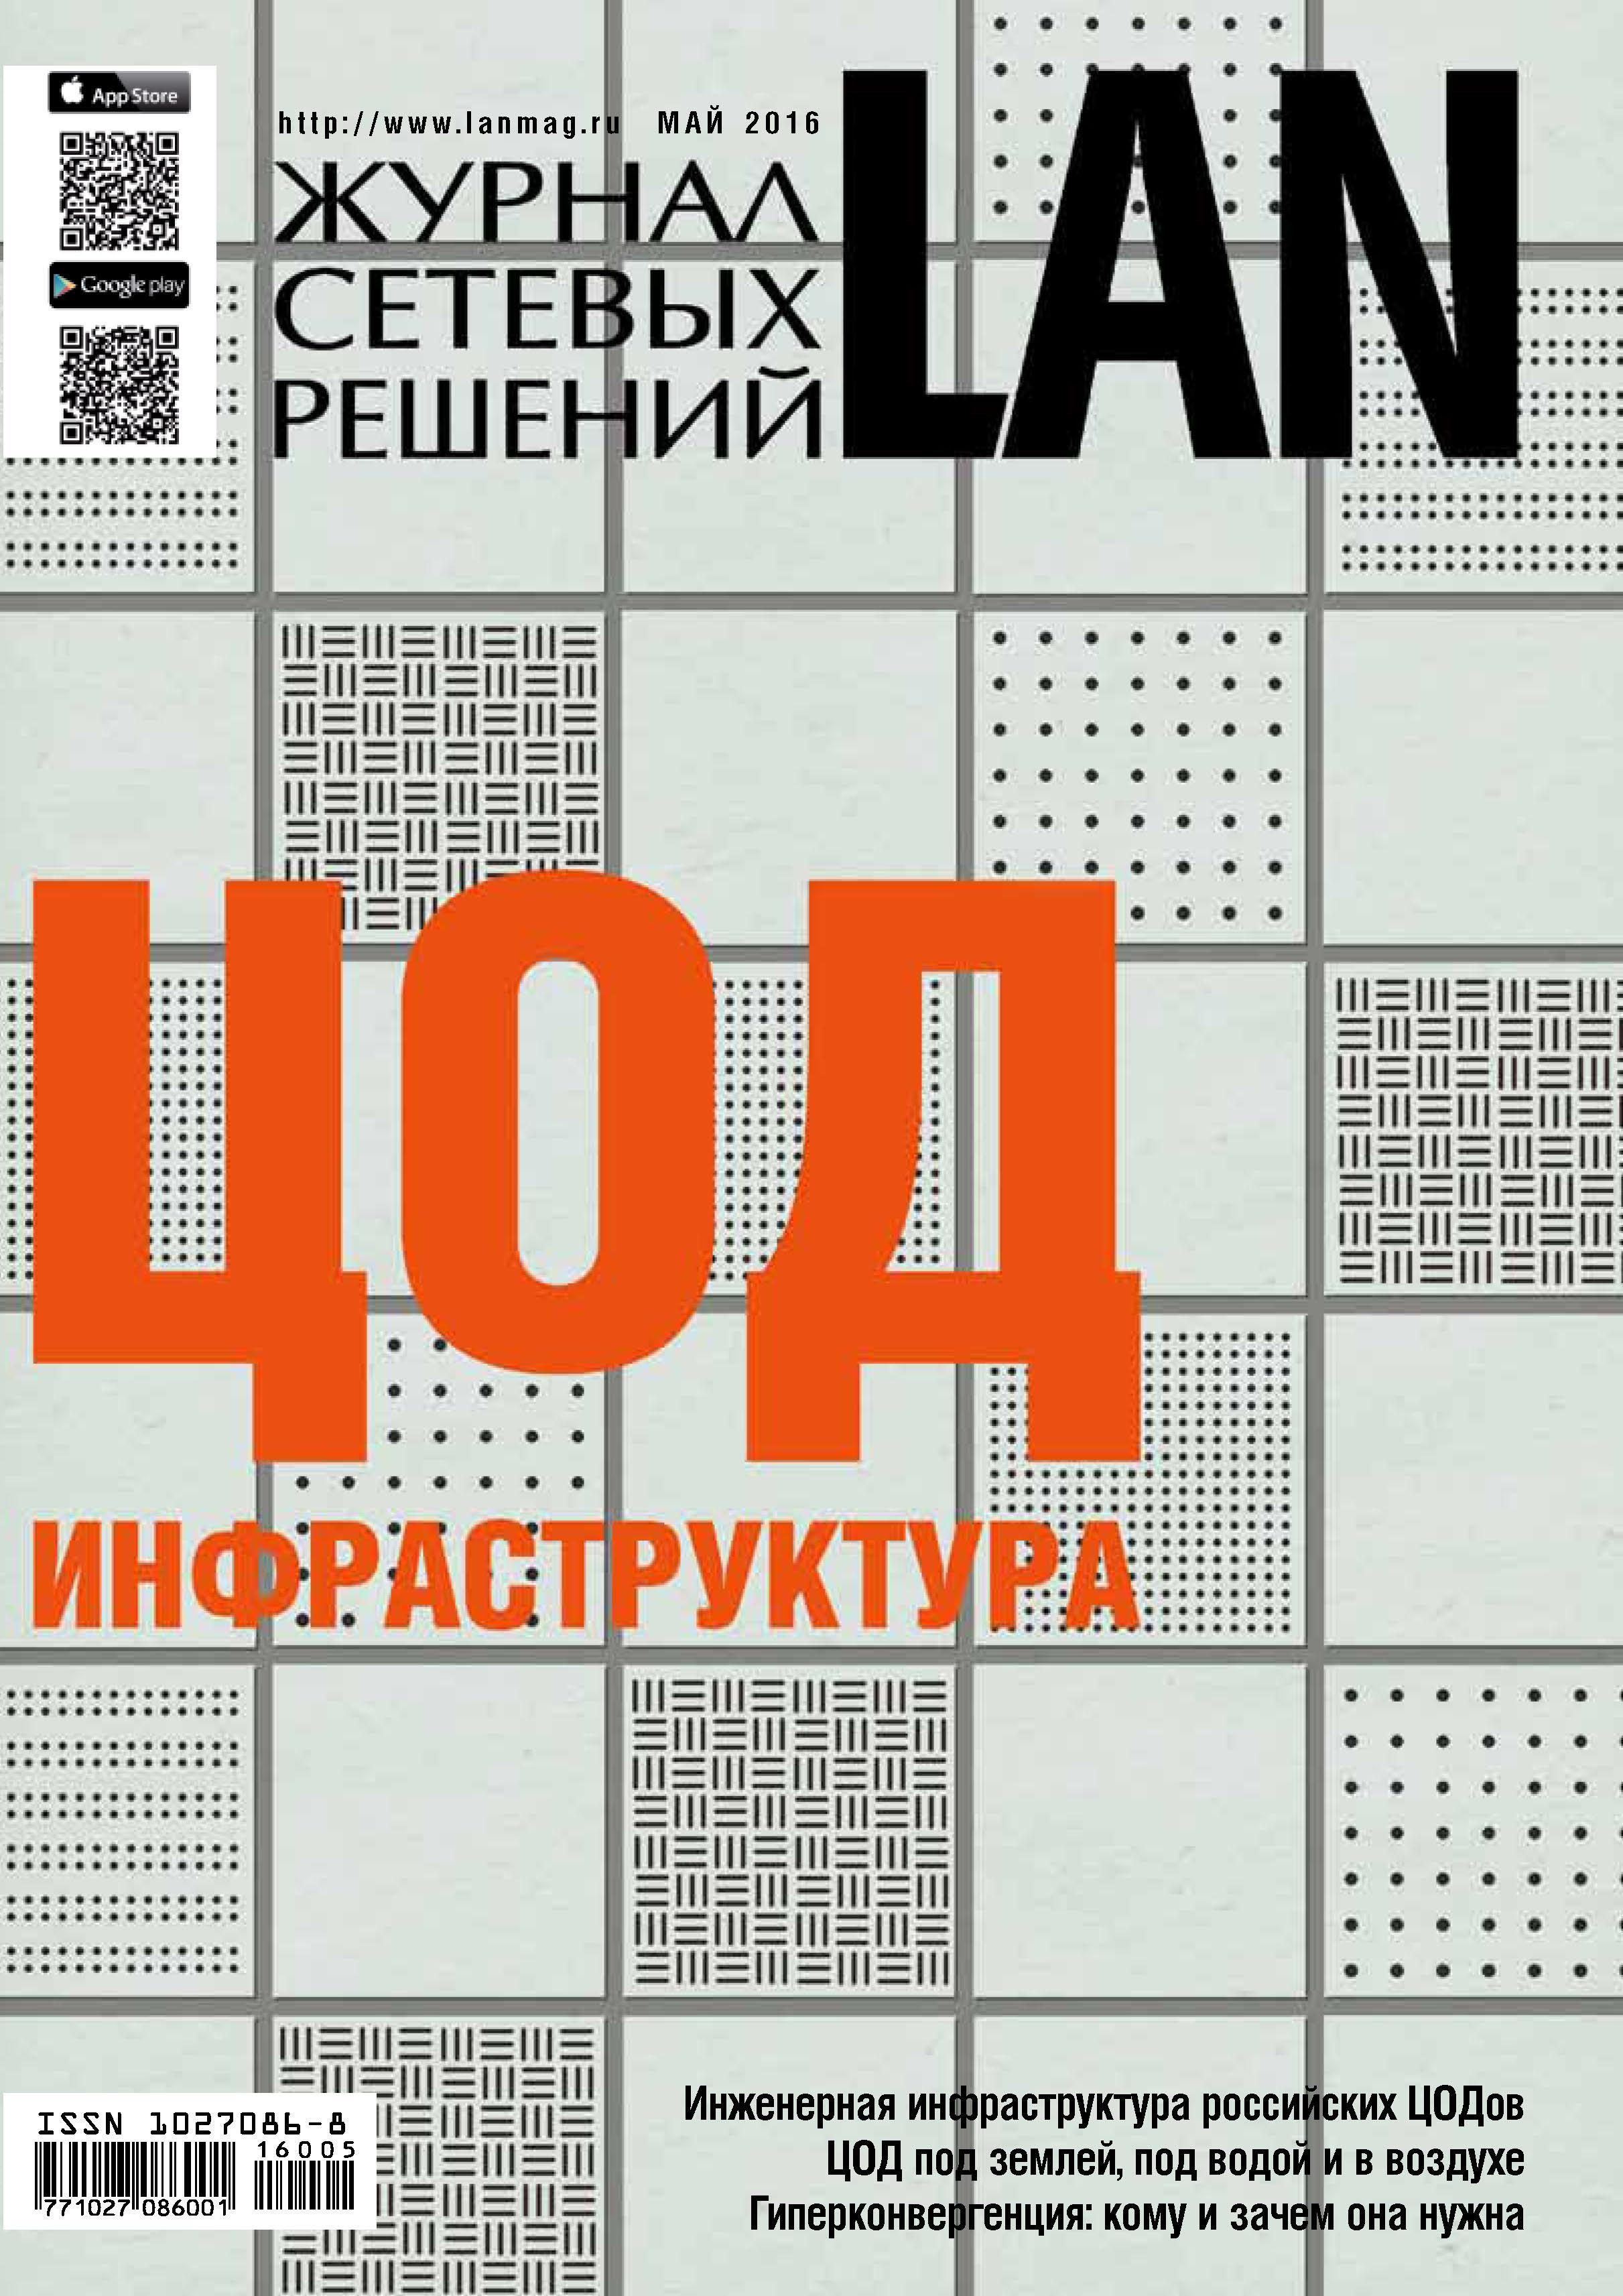 Открытые системы Журнал сетевых решений / LAN №05/2016 цены онлайн